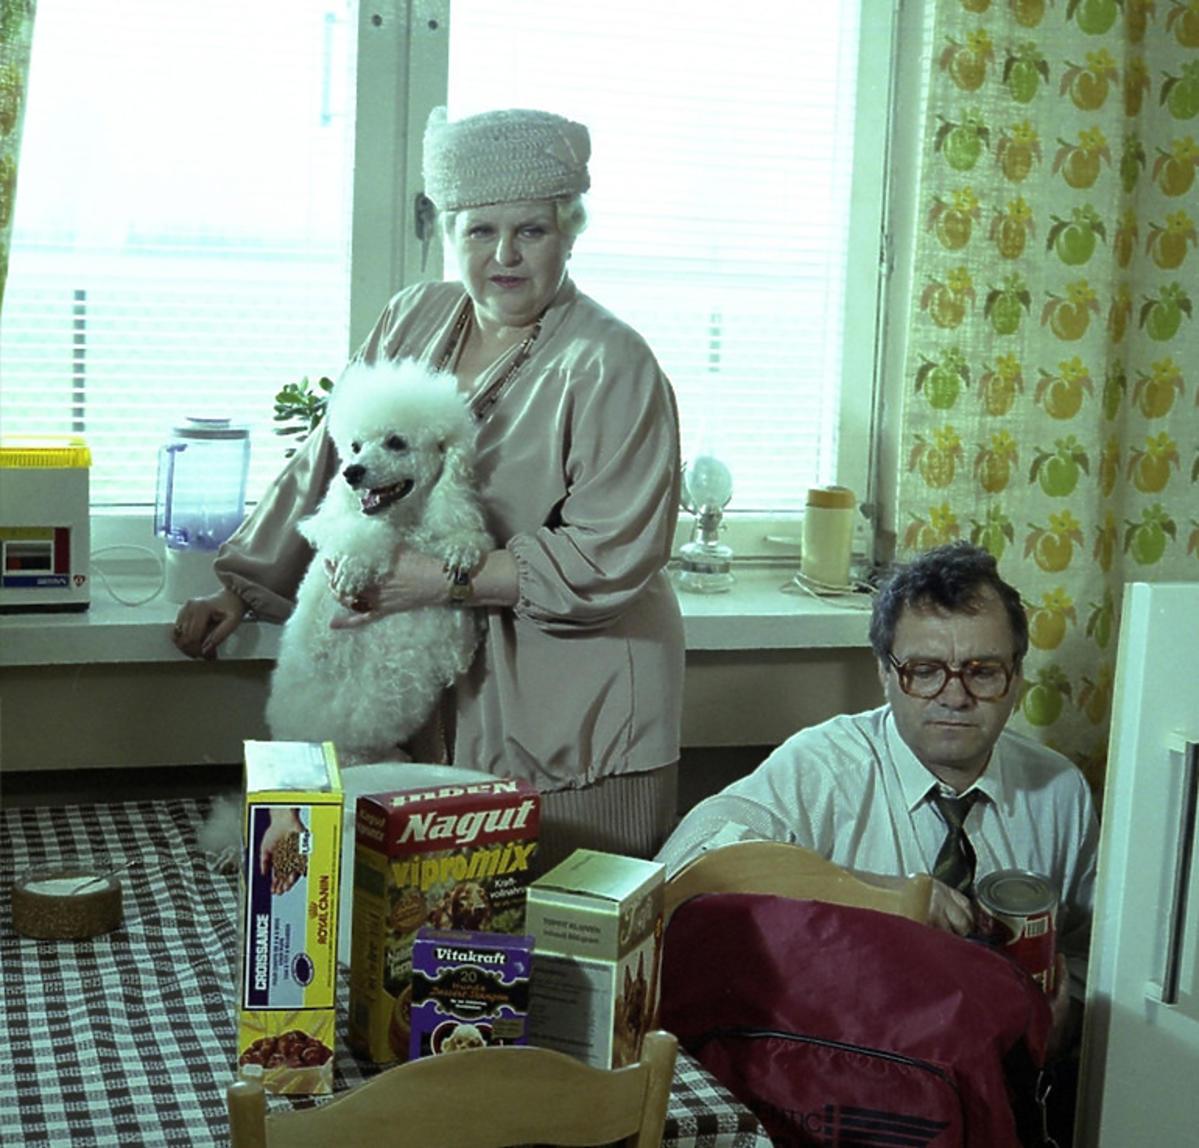 Małgorzata Lorentowicz, historia życia babci Wolańskiej z filmu